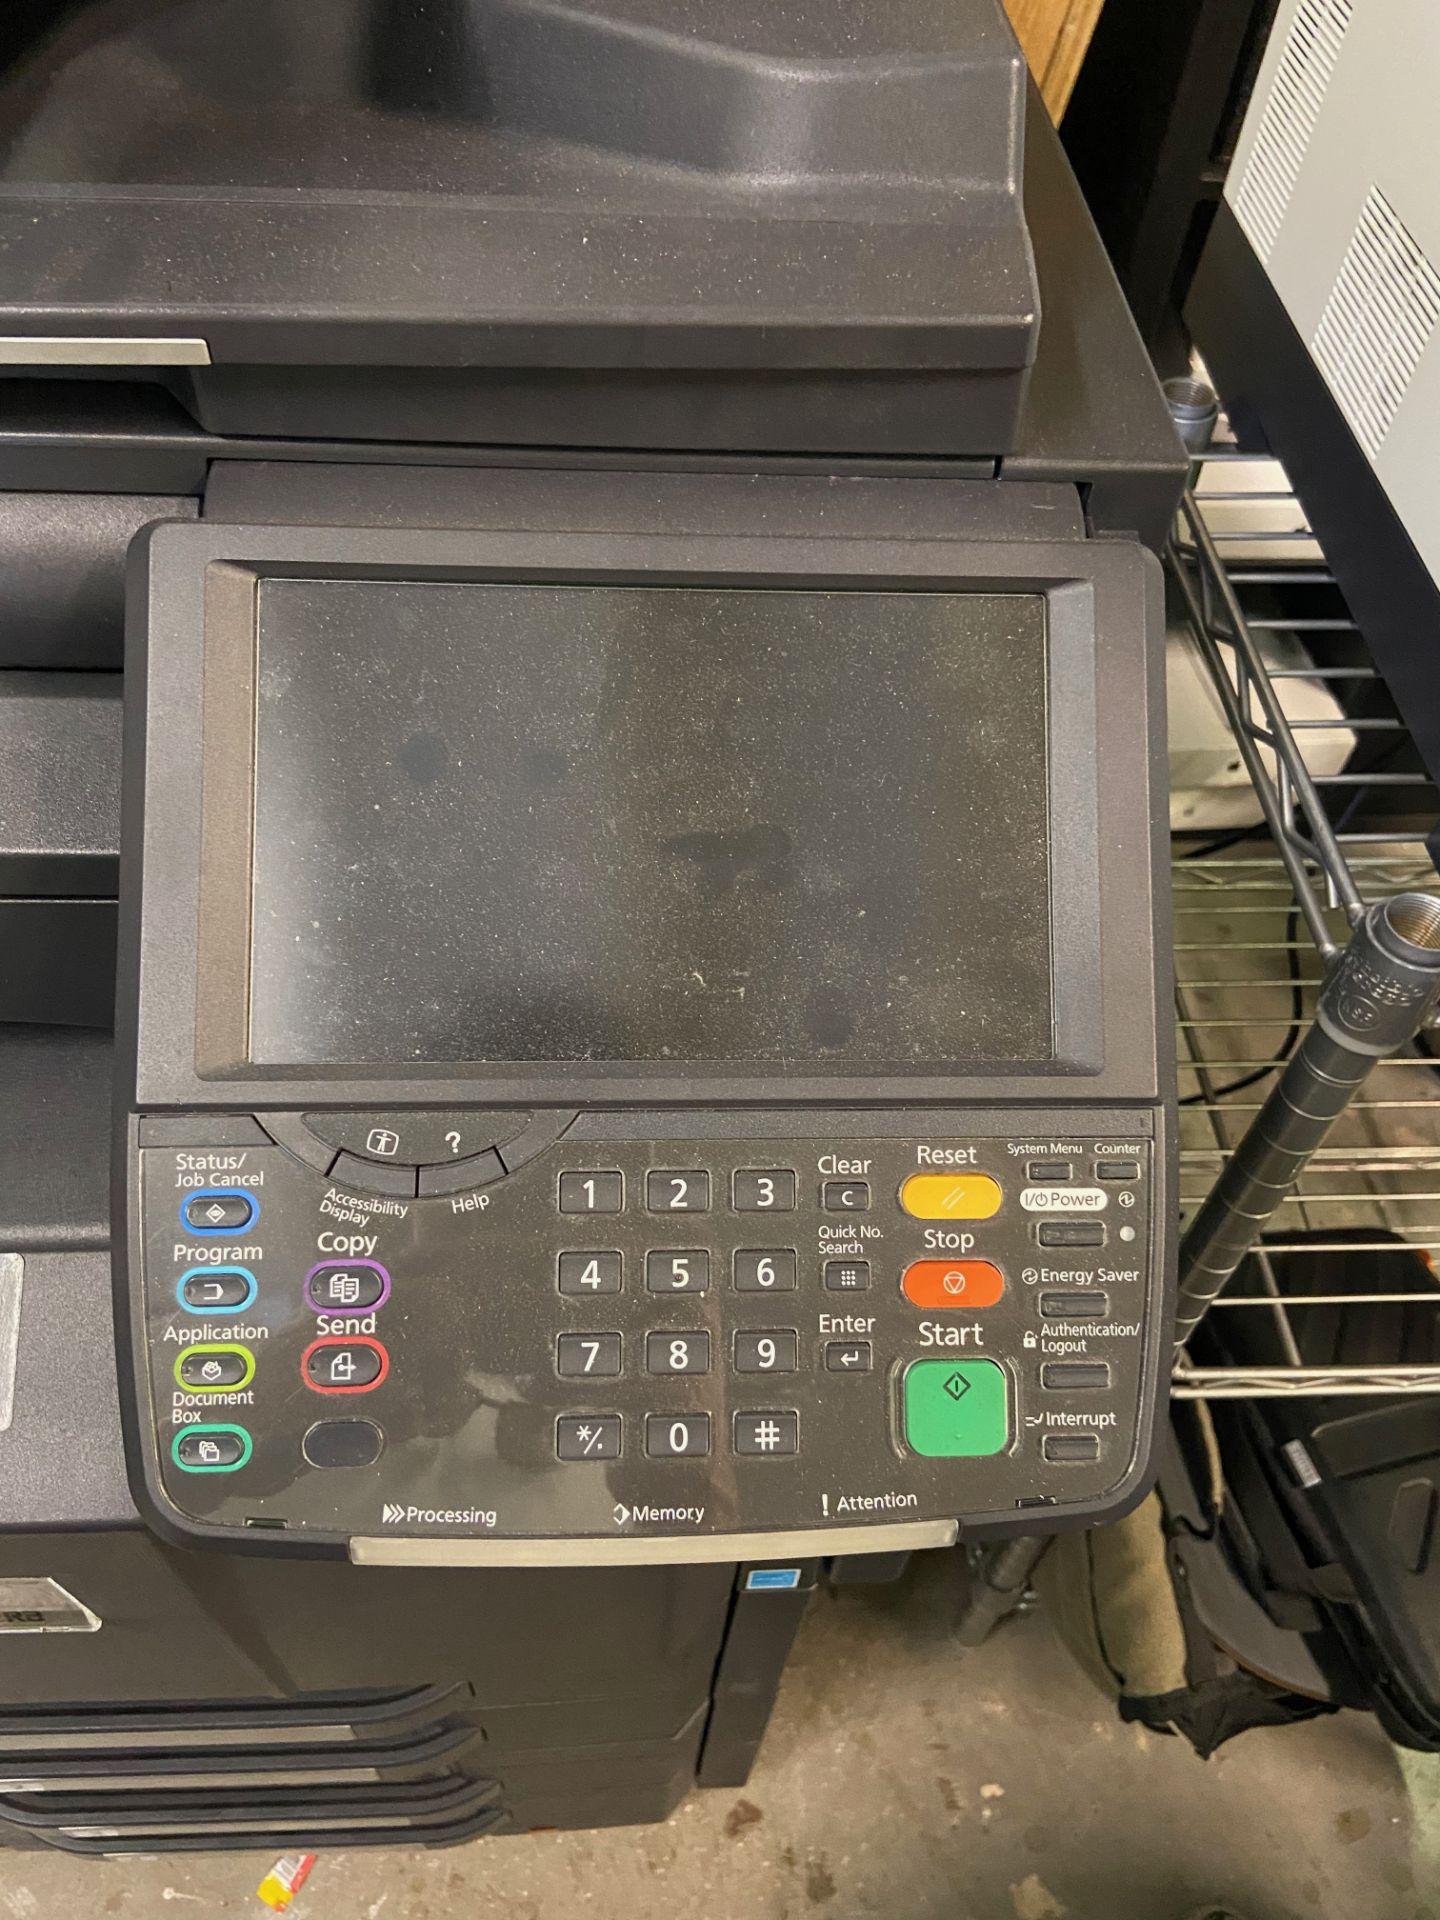 Kyocera TASKalfa 4500i Black and White Print/ Scan/ Copy System, Machine# NLS1900044, 120V, 60Hz, - Image 4 of 8